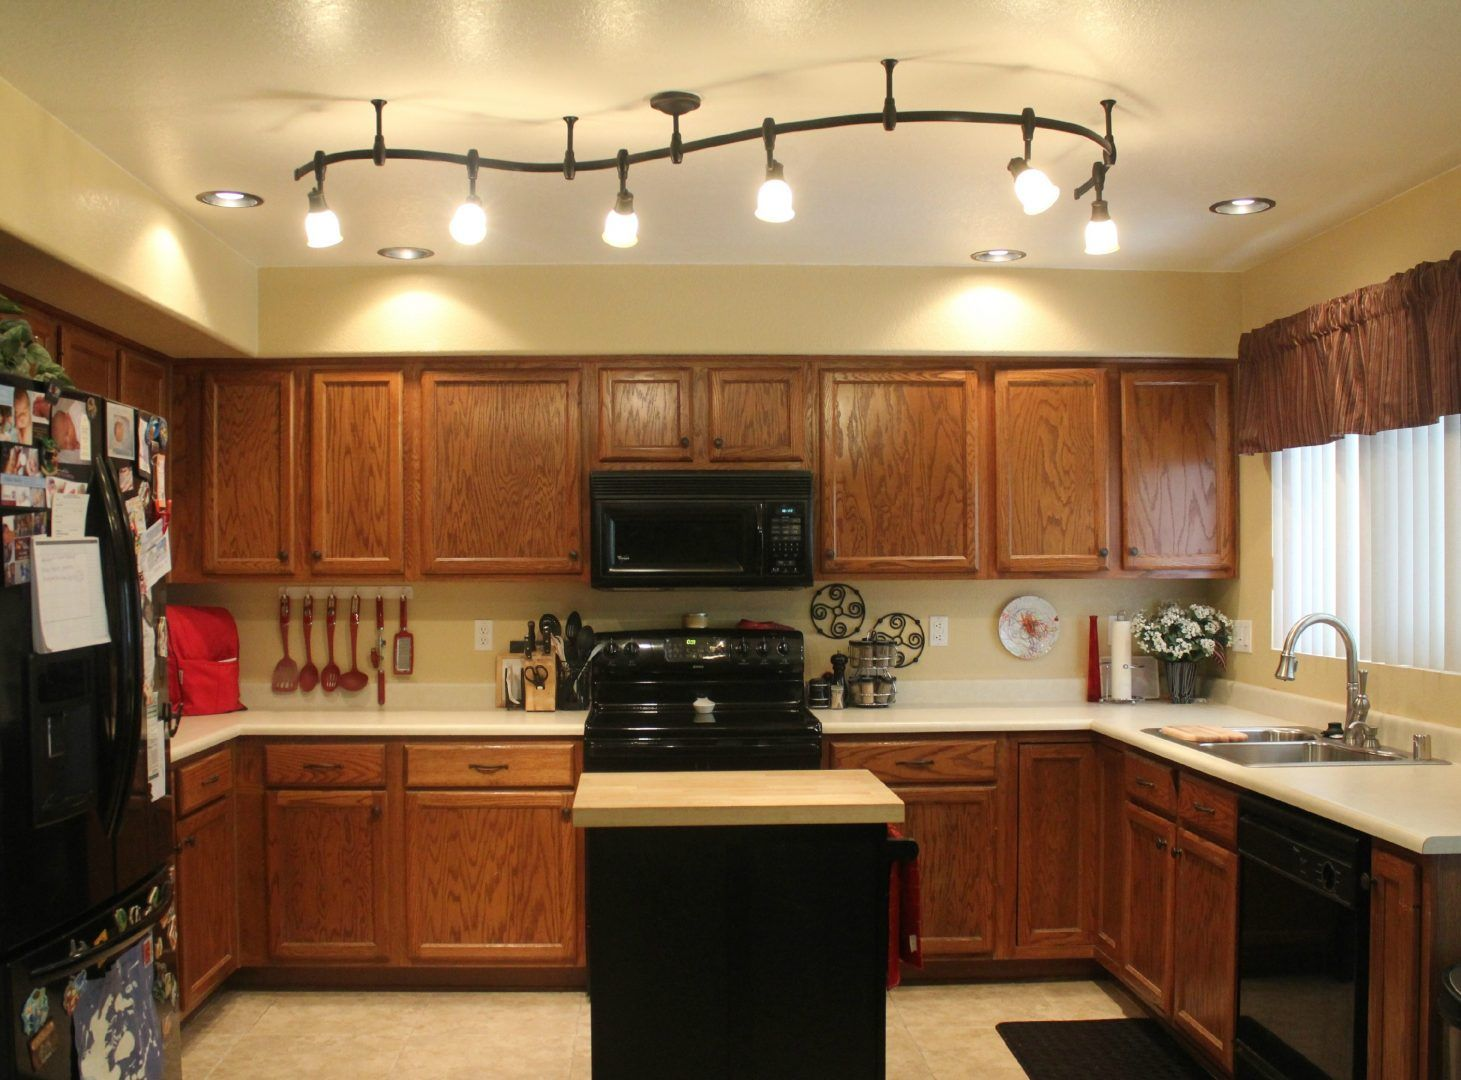 Luz en la cocina ideas cocina pinterest luces - Lamparas para cocinas rusticas ...